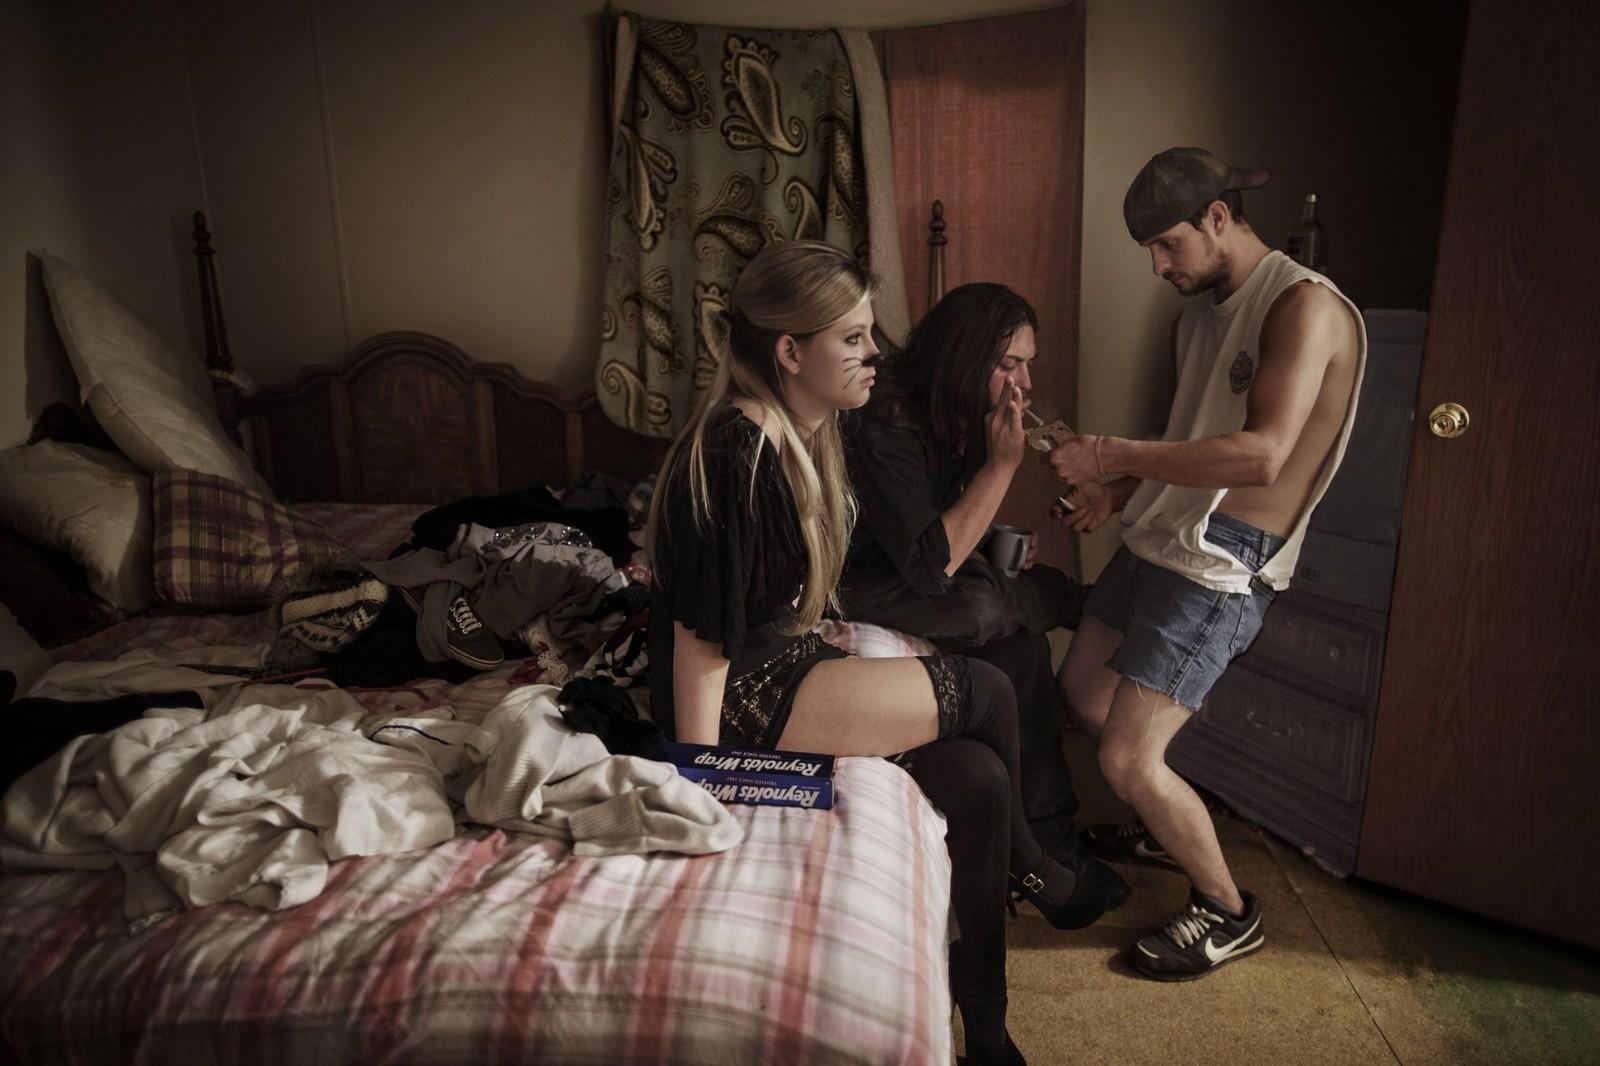 VG-fotograf Espen Rasmussens fotoserie «The curse of coal» tok førsteplassen i kategorien «hverdagsliv» under Sony World Photography Awards . Bildeserien skildrer livet til kullarbeidere i den amerikanske delstaten Vest-Virginia.